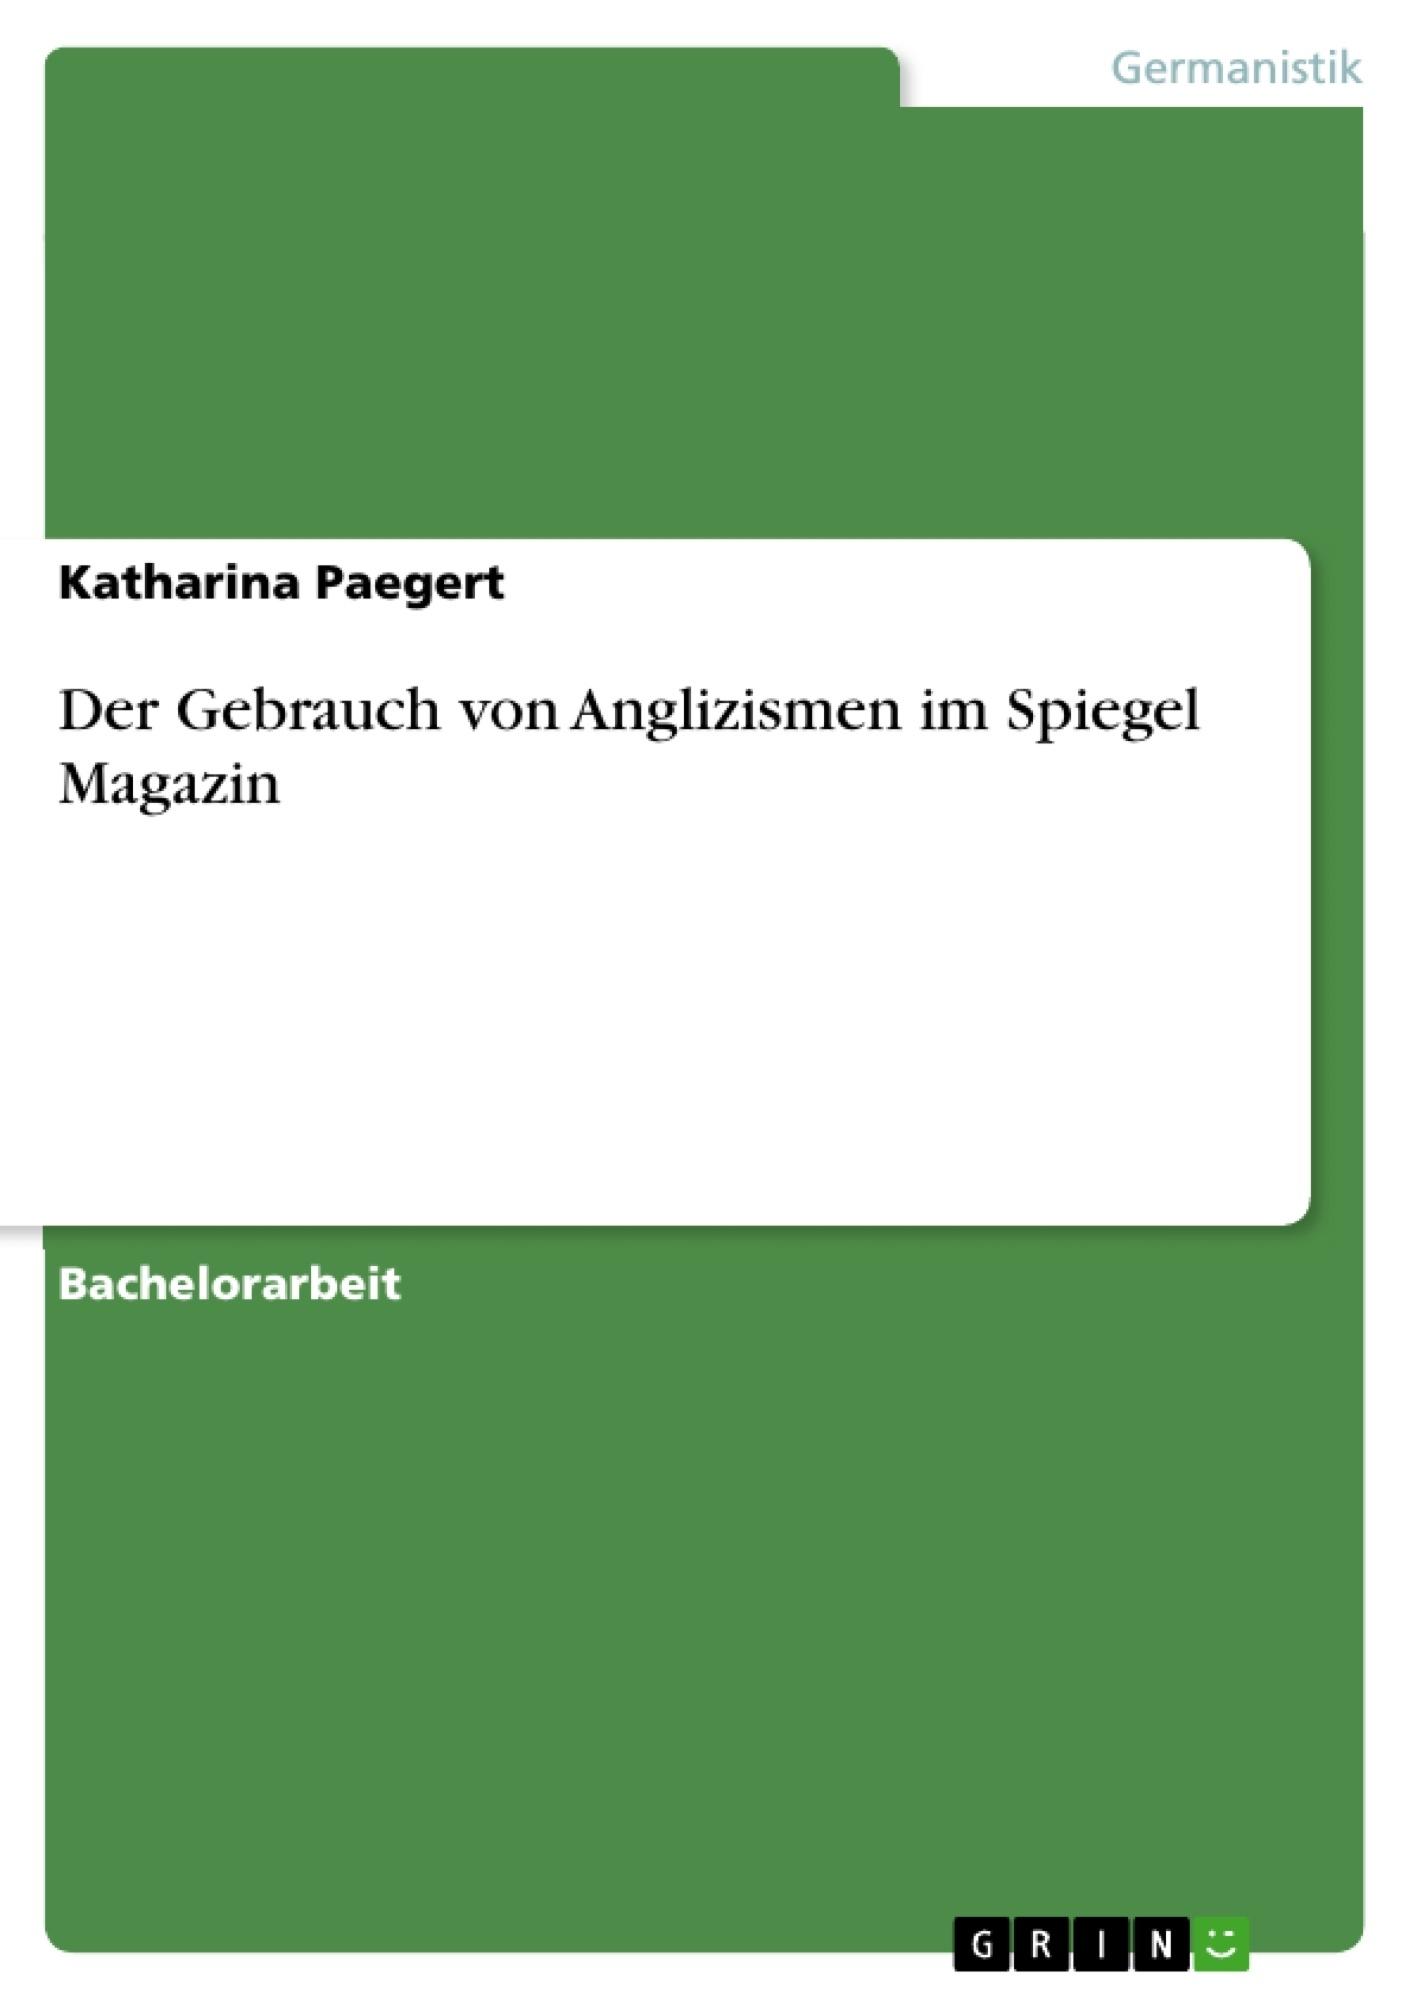 Titel: Der Gebrauch von Anglizismen im Spiegel Magazin